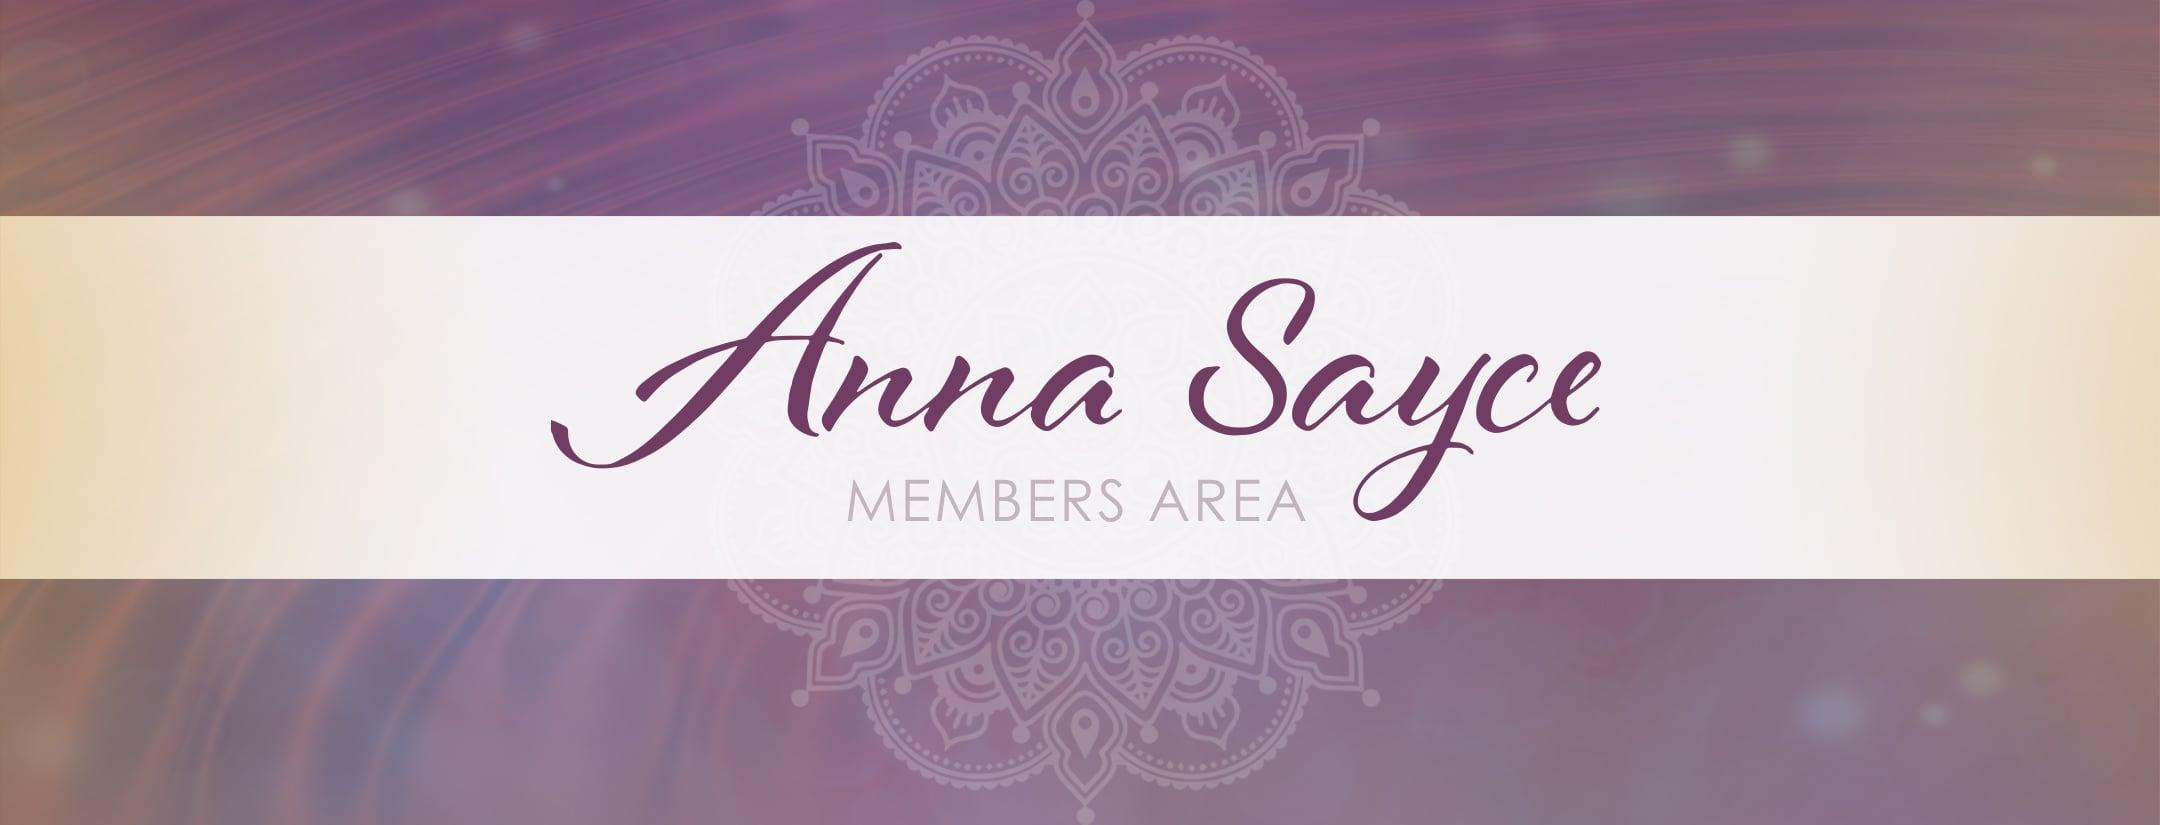 Members Area Banner